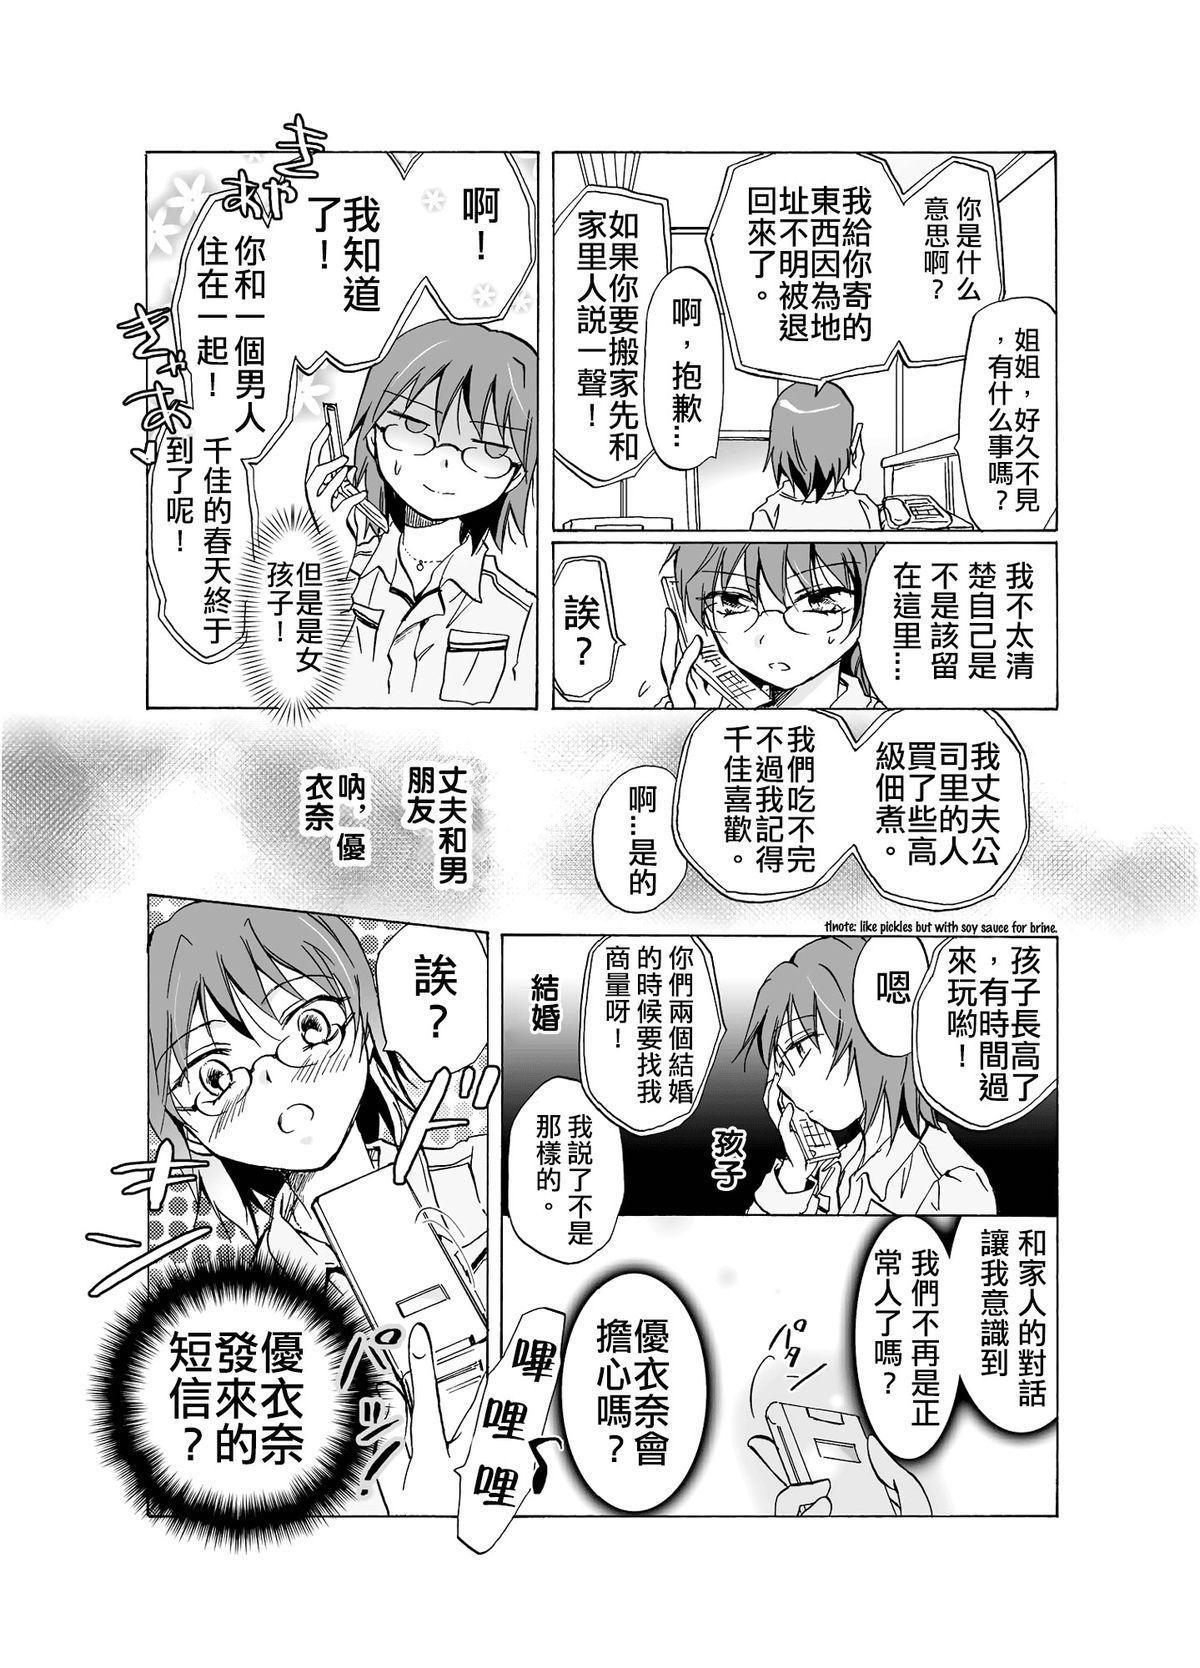 Aisaresugite Komaru no | 為愛所困 17